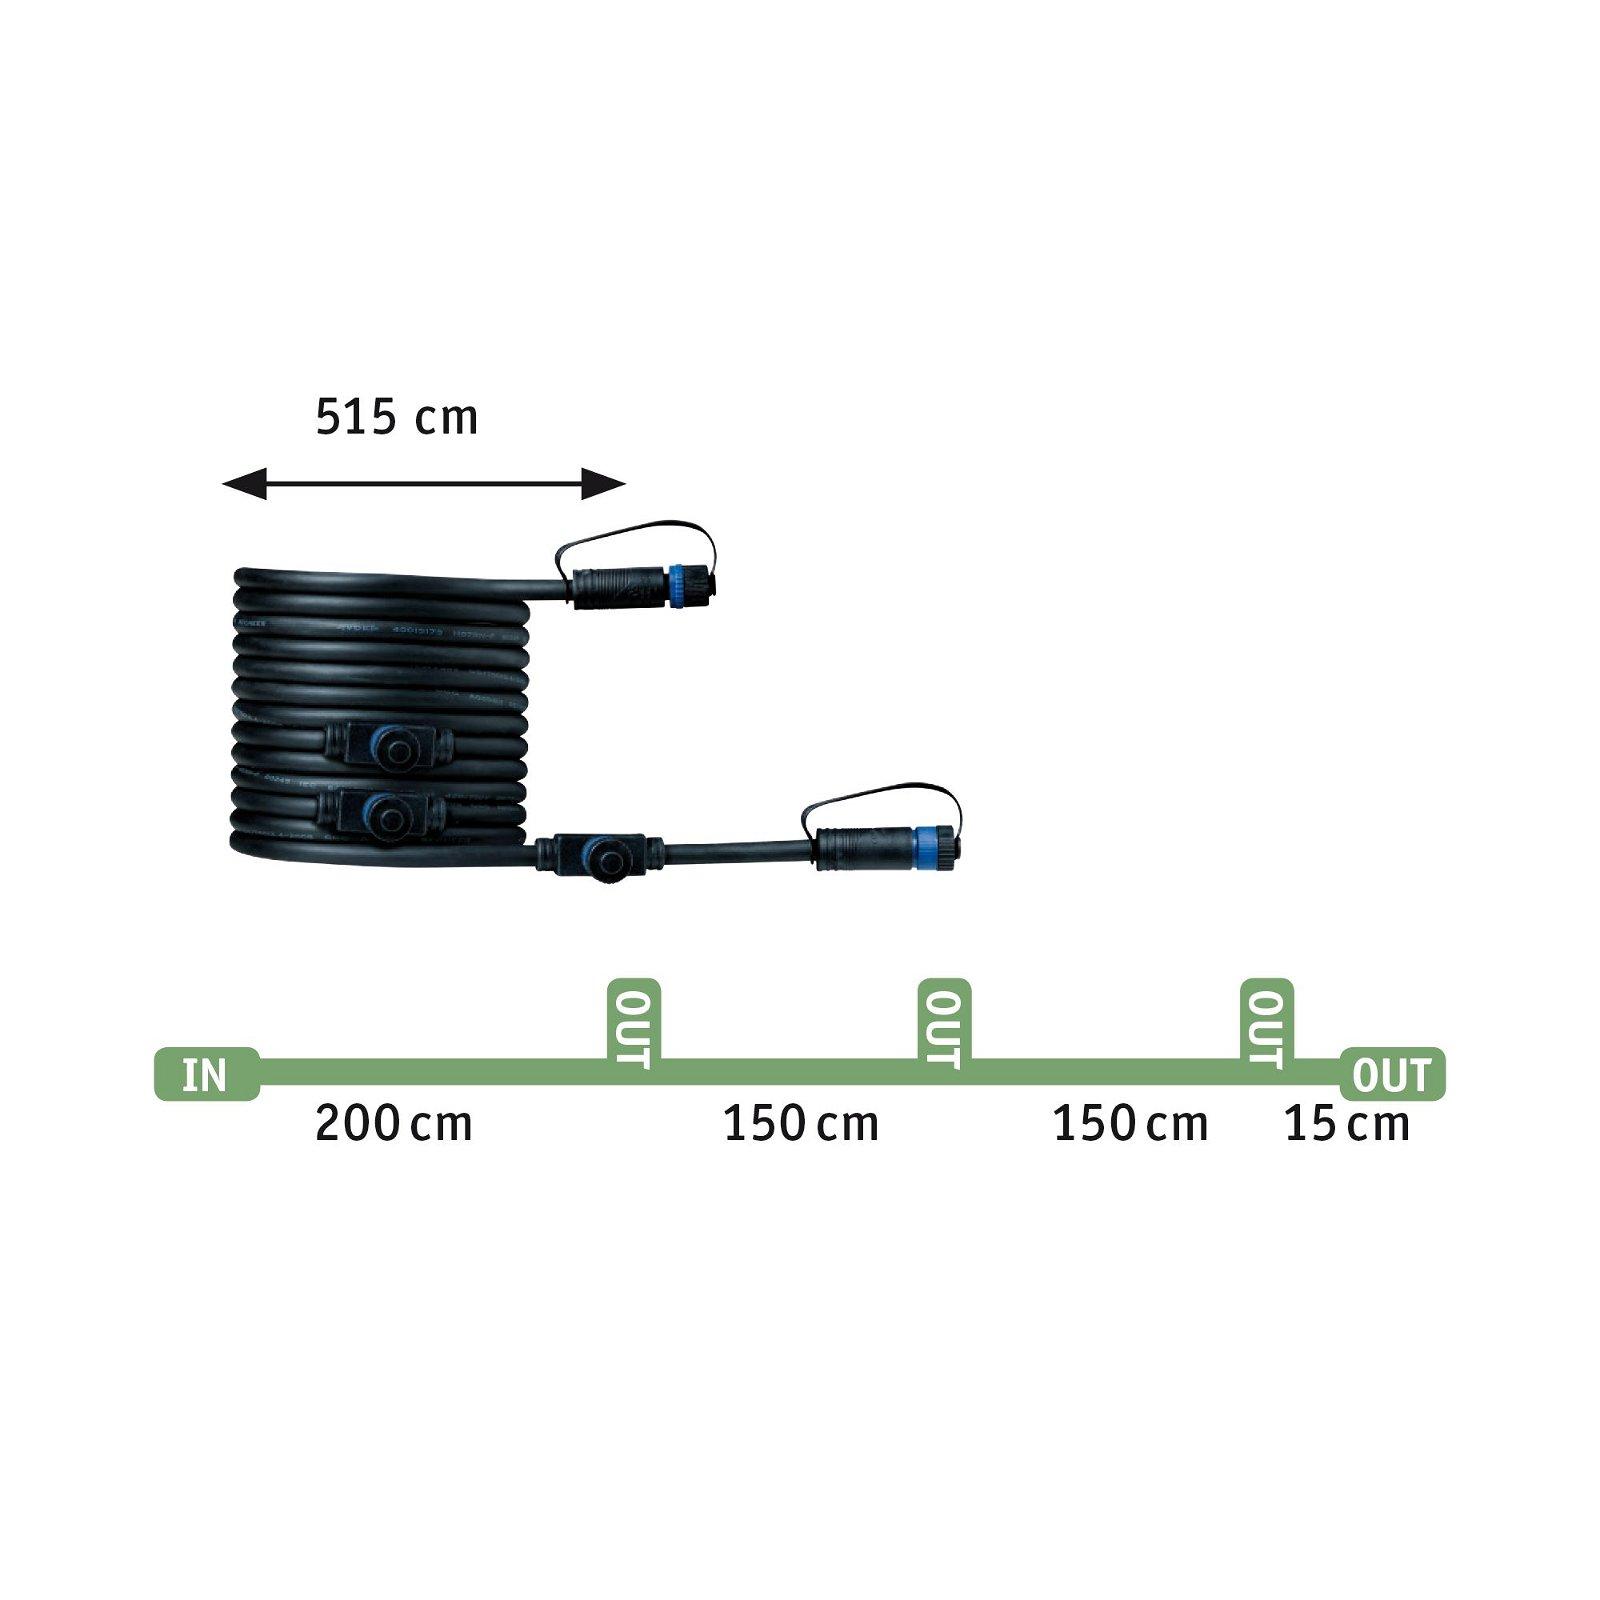 Plug & Shine LED Gartenstrahler Sting Erweiterungsset IP67 3000K 3x6W Anthrazit